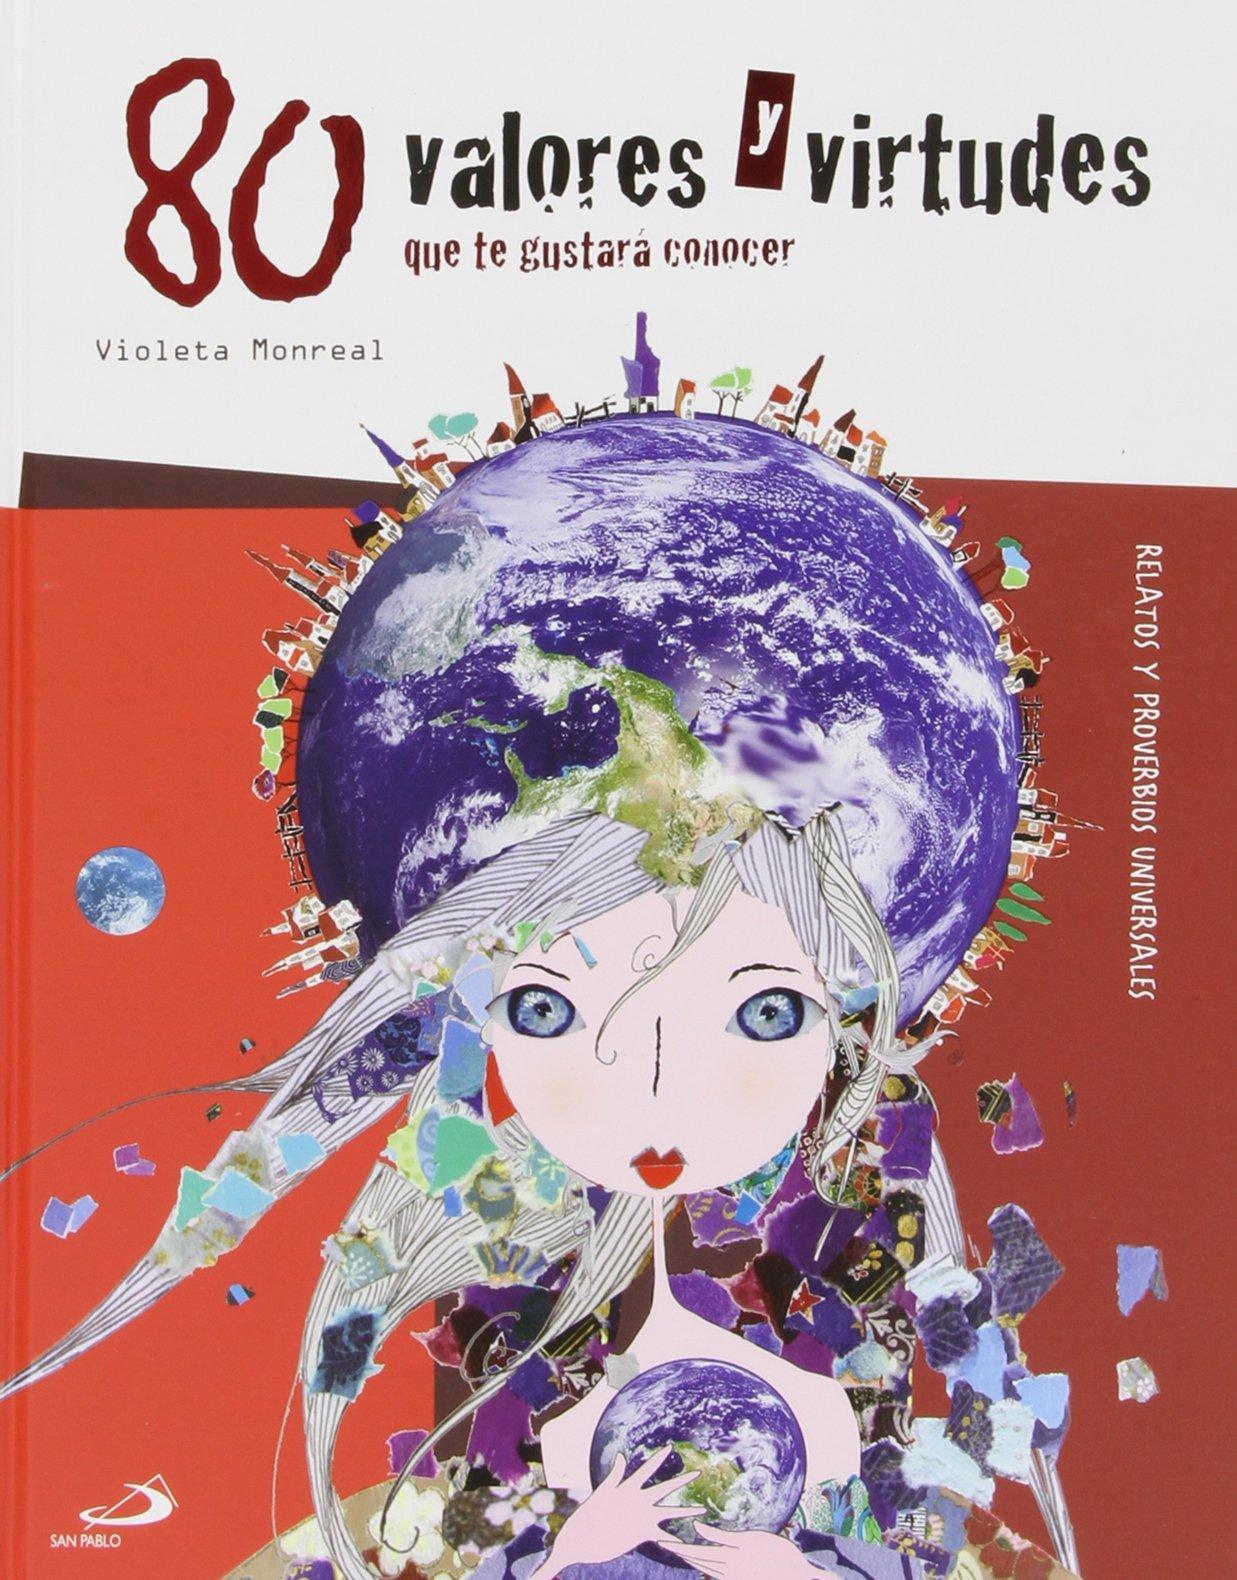 80 valores y virtudes que te gustará conocer Cuentos y ficción: Amazon.es: Violeta Monreal Díaz: Libros